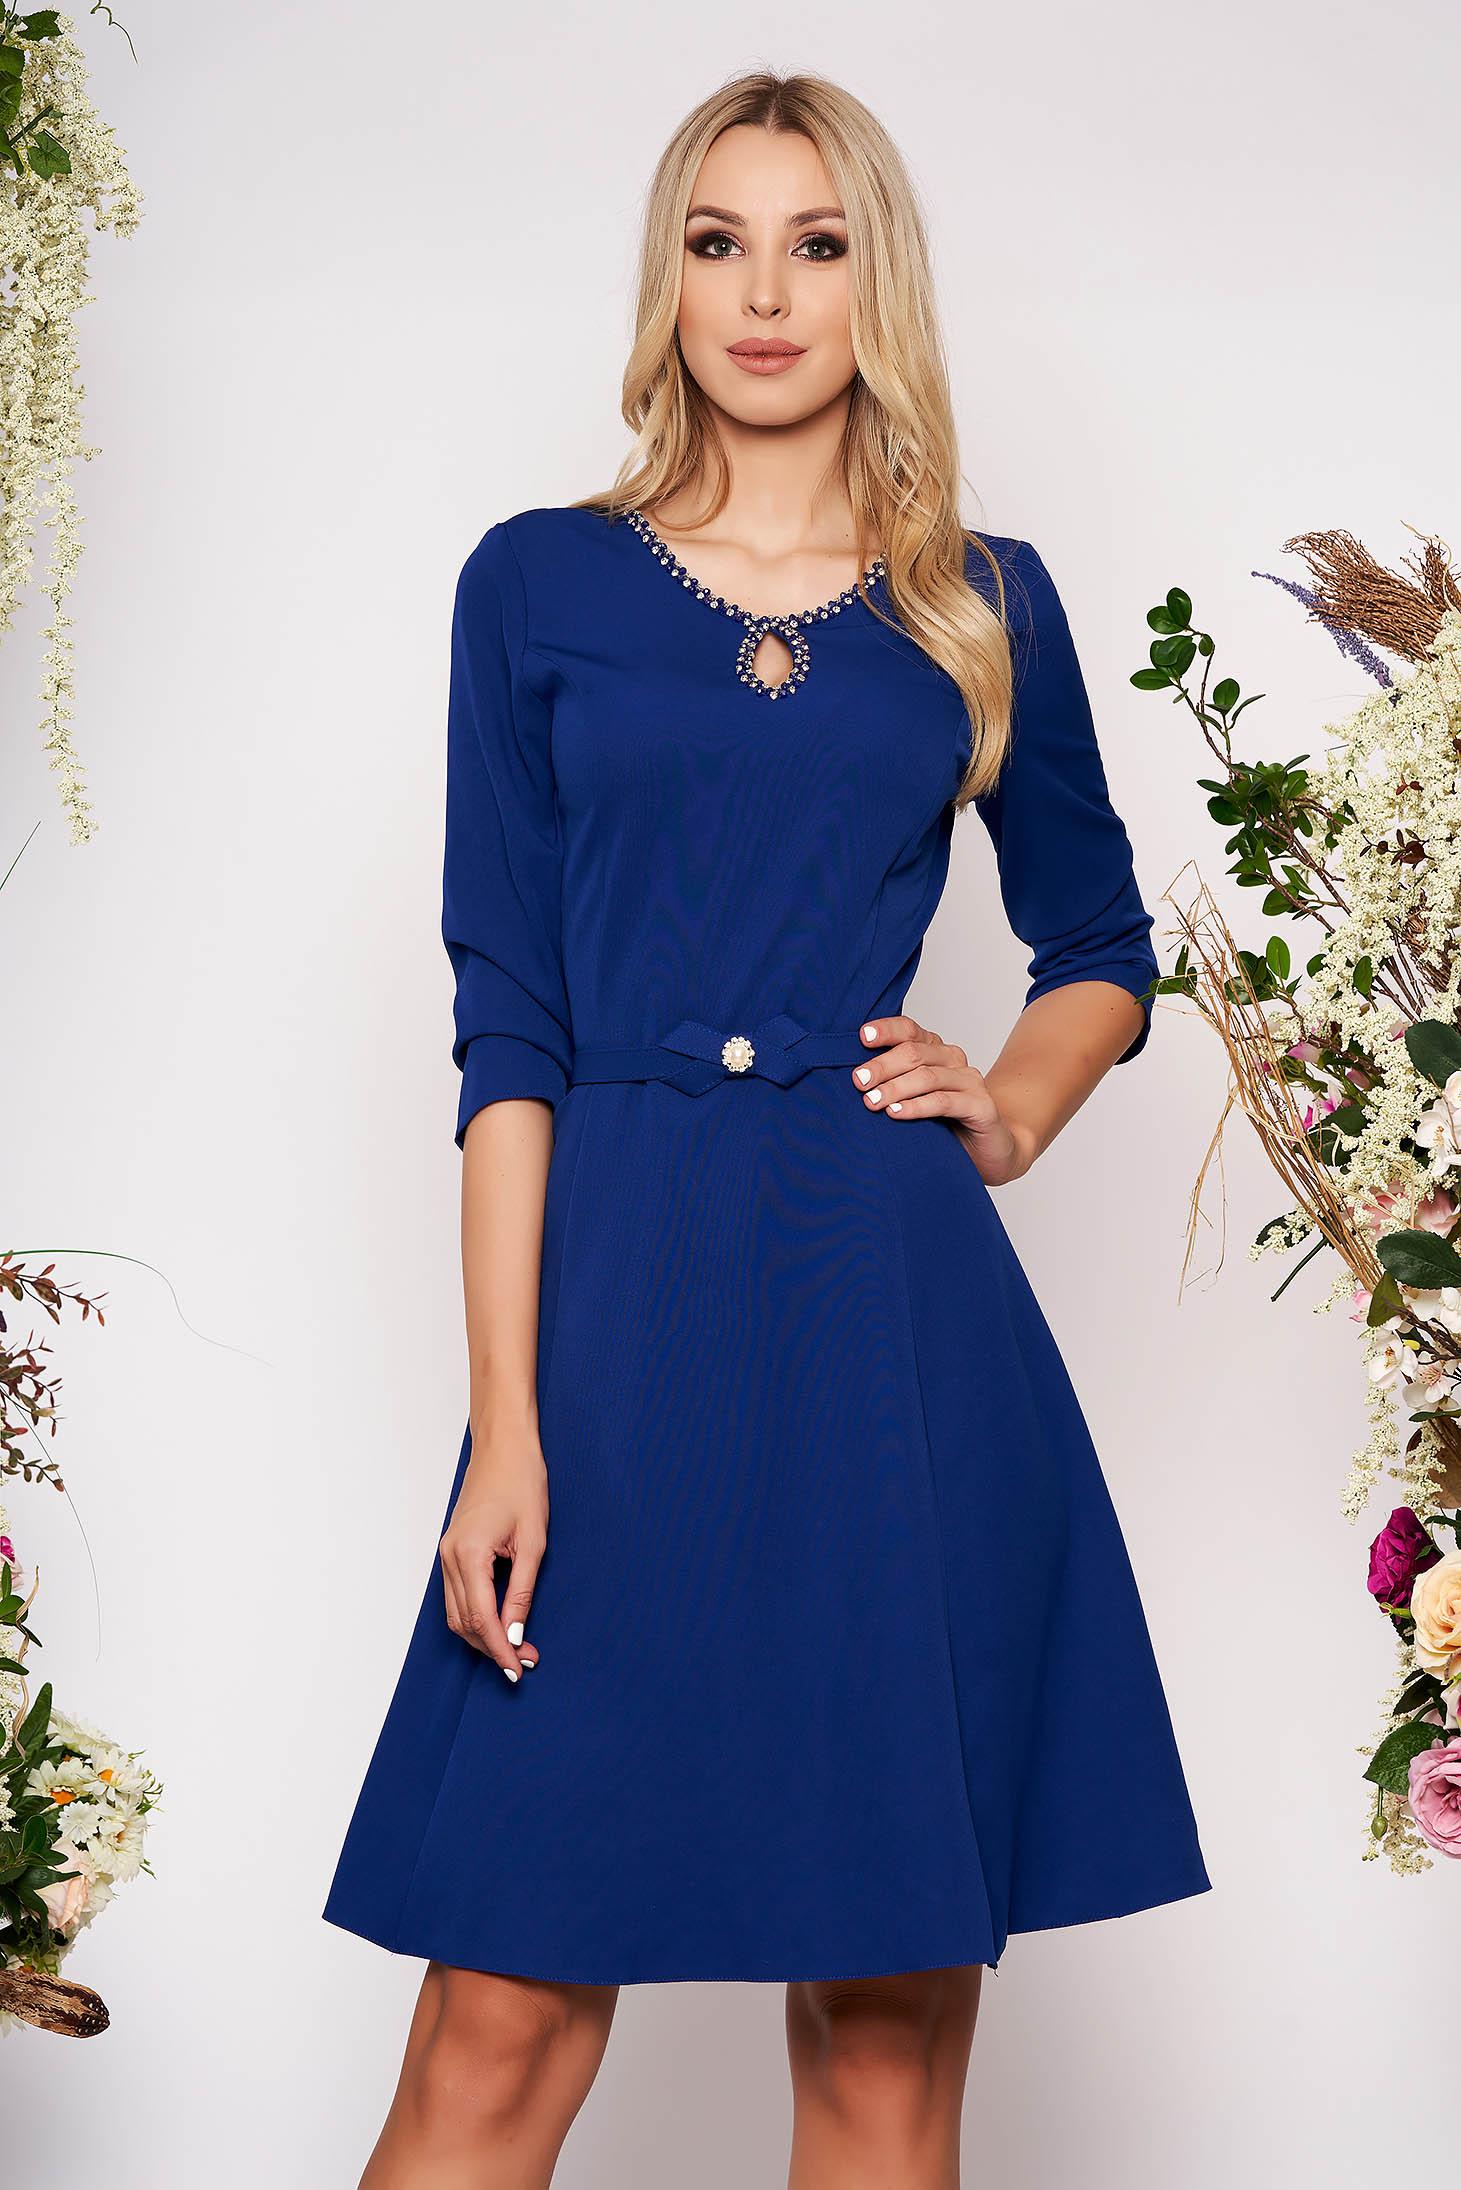 Rochie albastra eleganta in clos din material fin la atingere detalii handmade cu accesoriu tip curea